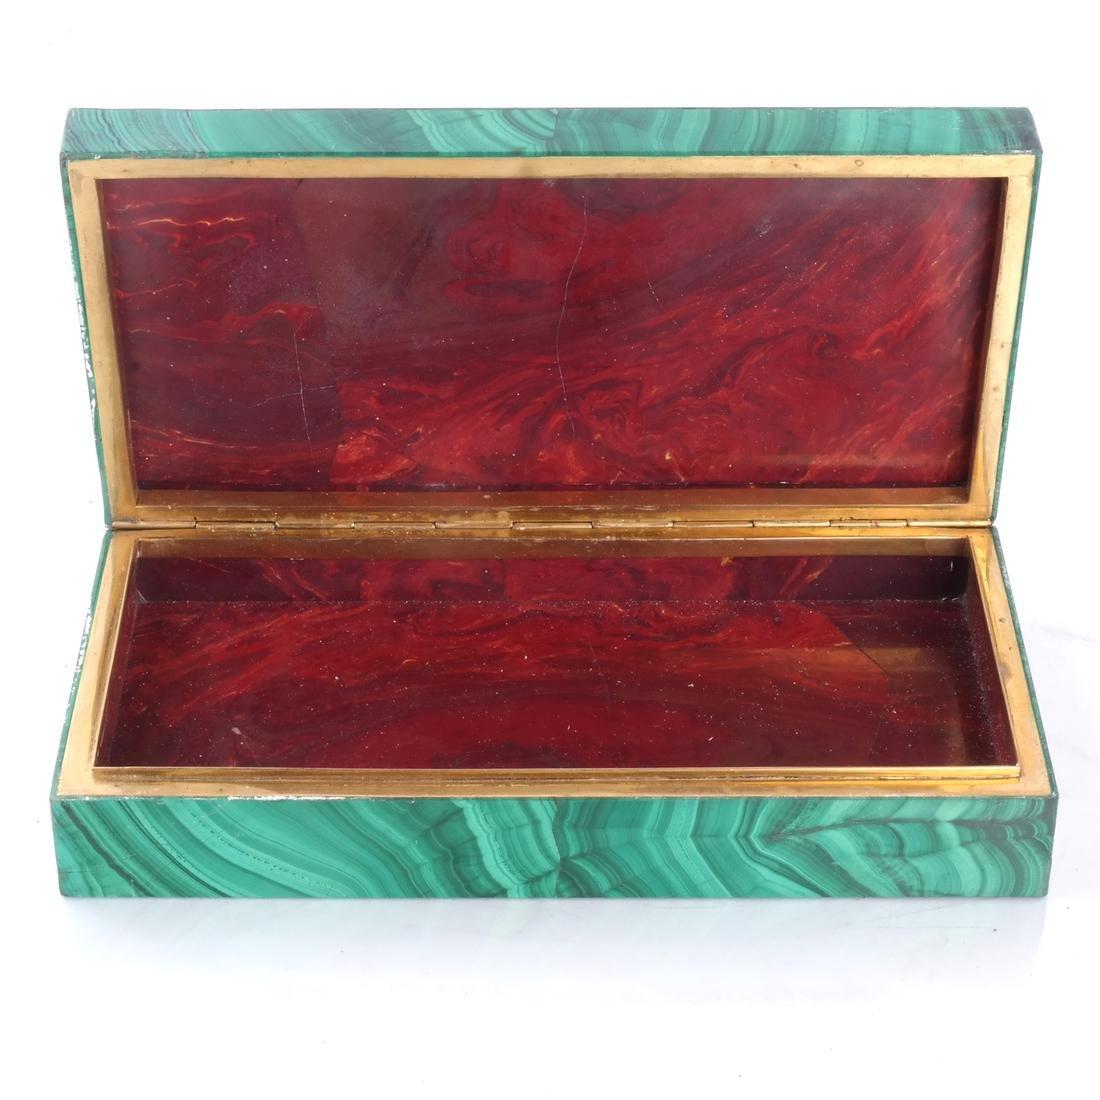 Russian Malachite Box - Red Jasper Interior - 2